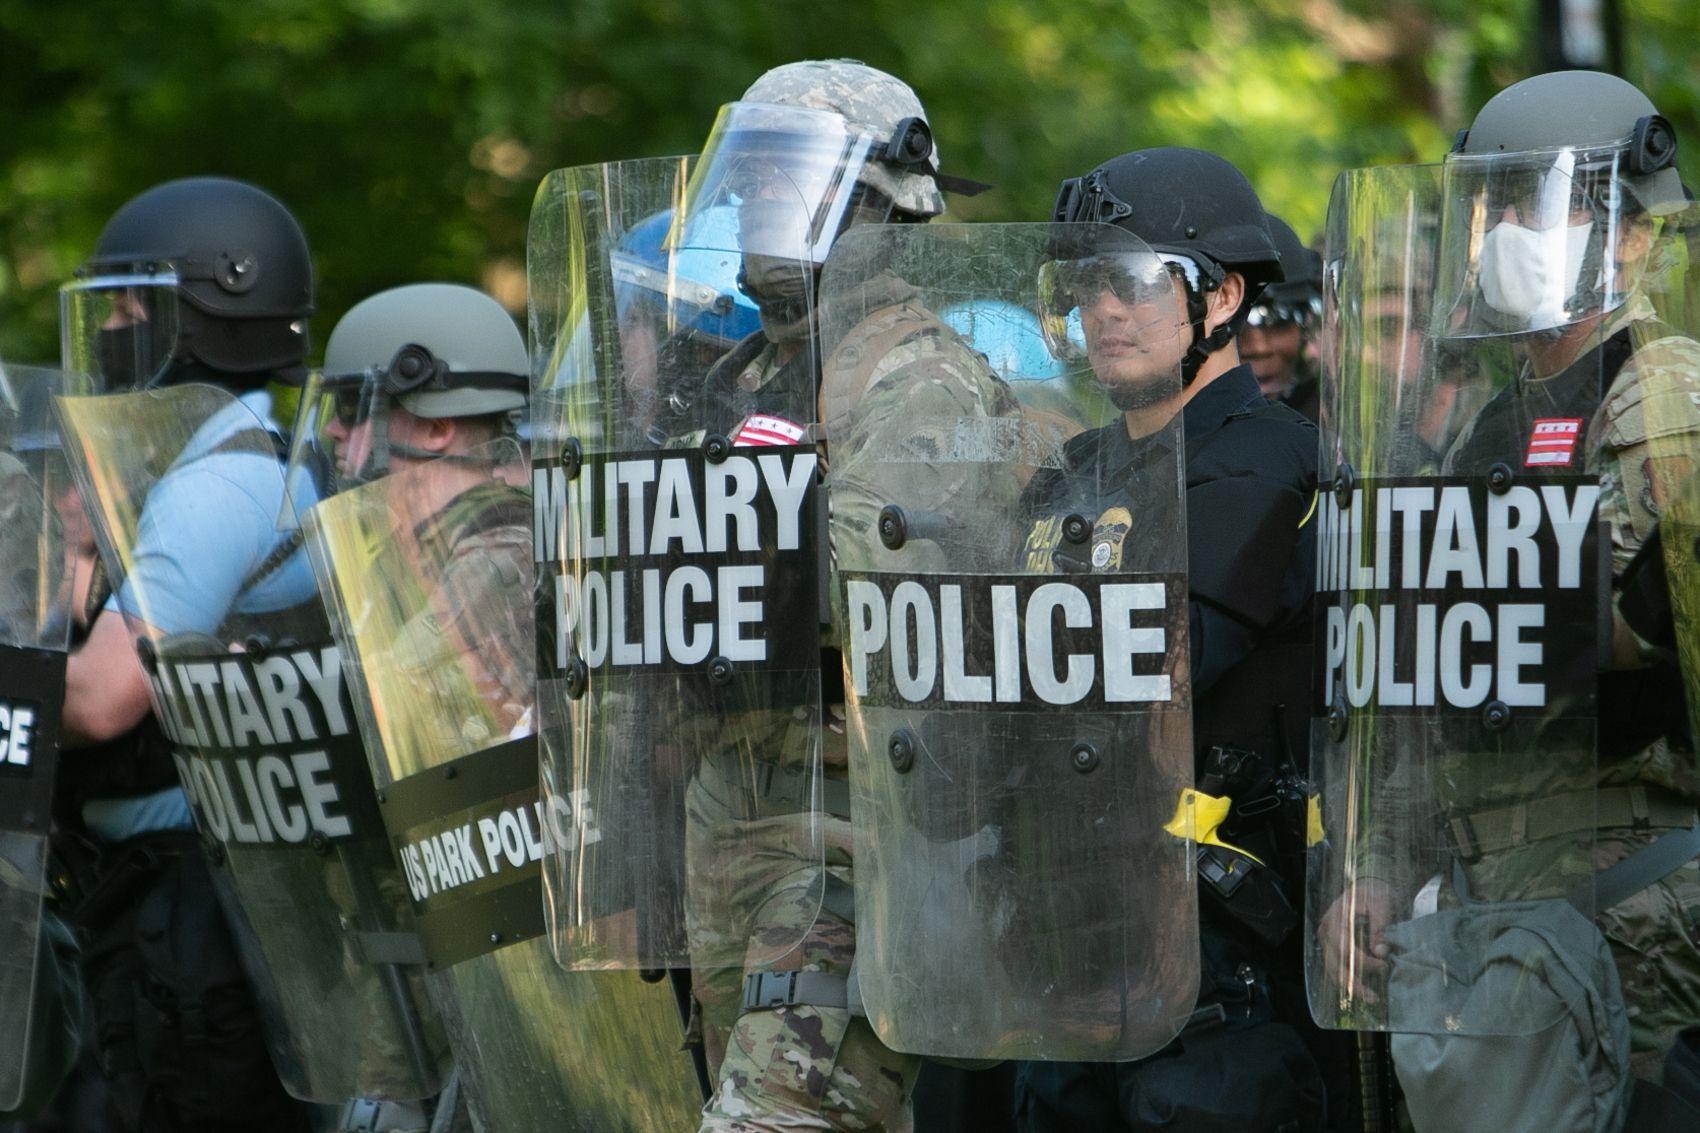 写真・図版 : ホワイトハウスの前で盾を持ち、一列に並ぶ警官隊=ワシントン、ランハム裕子撮影、2020年6月1日